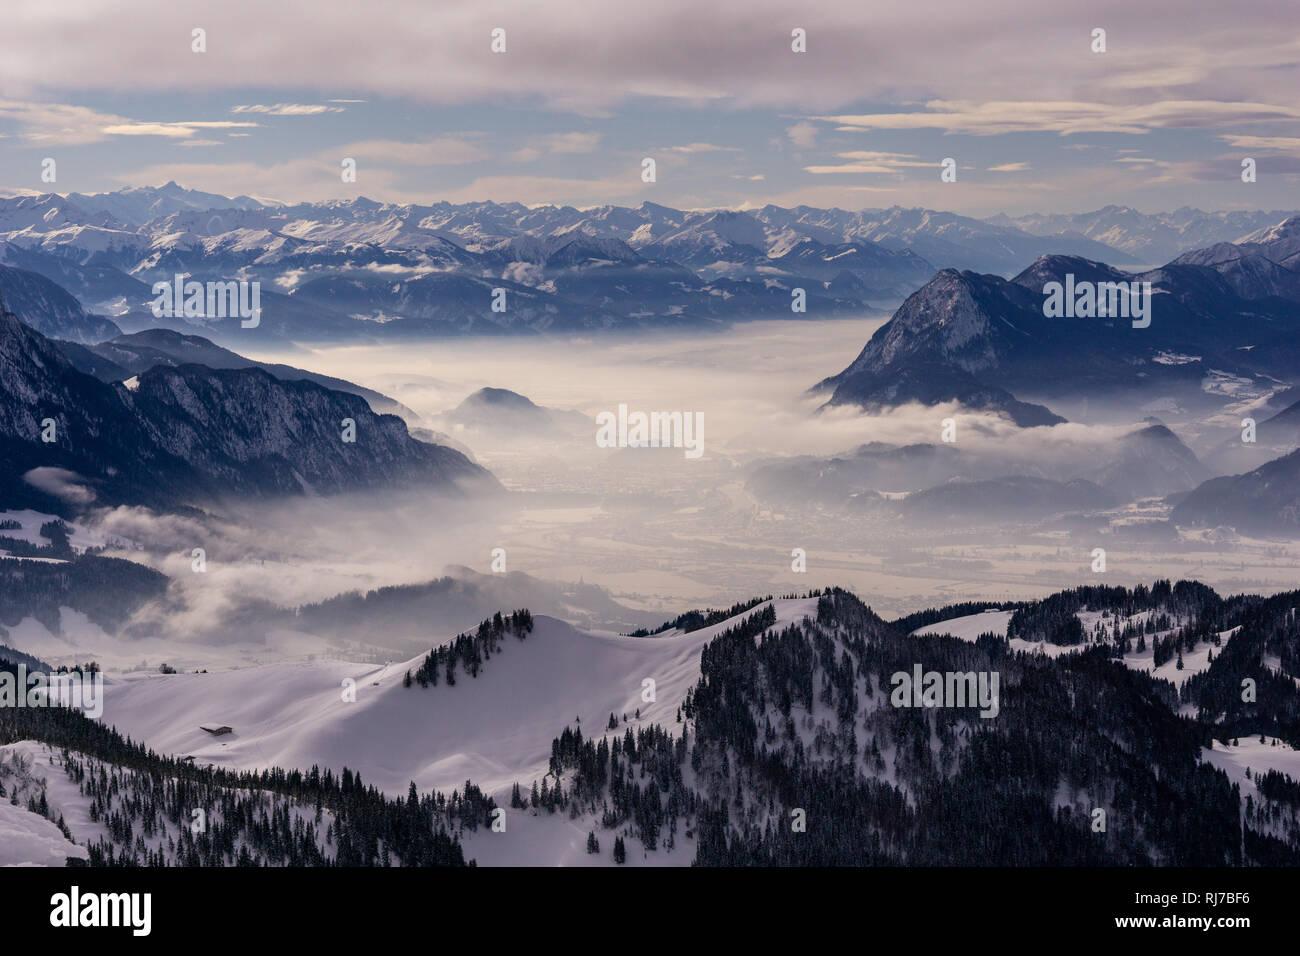 Blick vom Geigelstein auf Nebel und schneebedeckte Bergkette - Stock Image